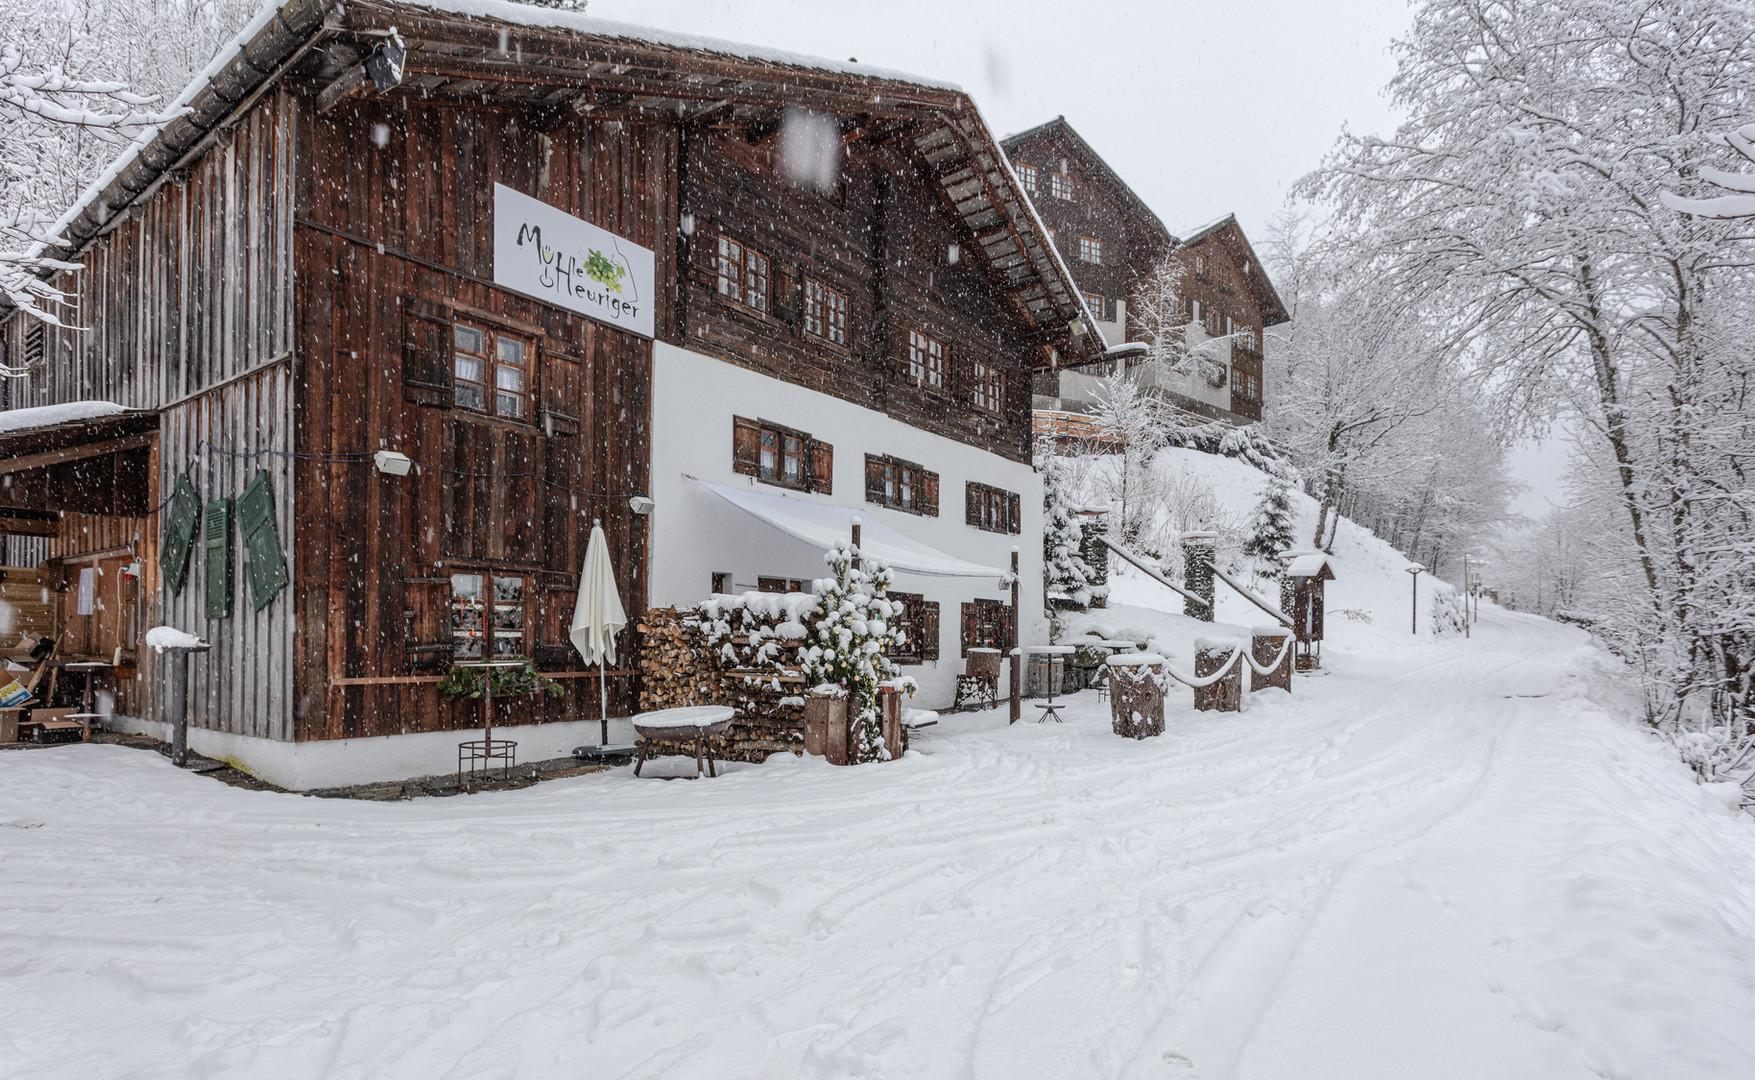 Mühle HEURIGER Winter.jpg